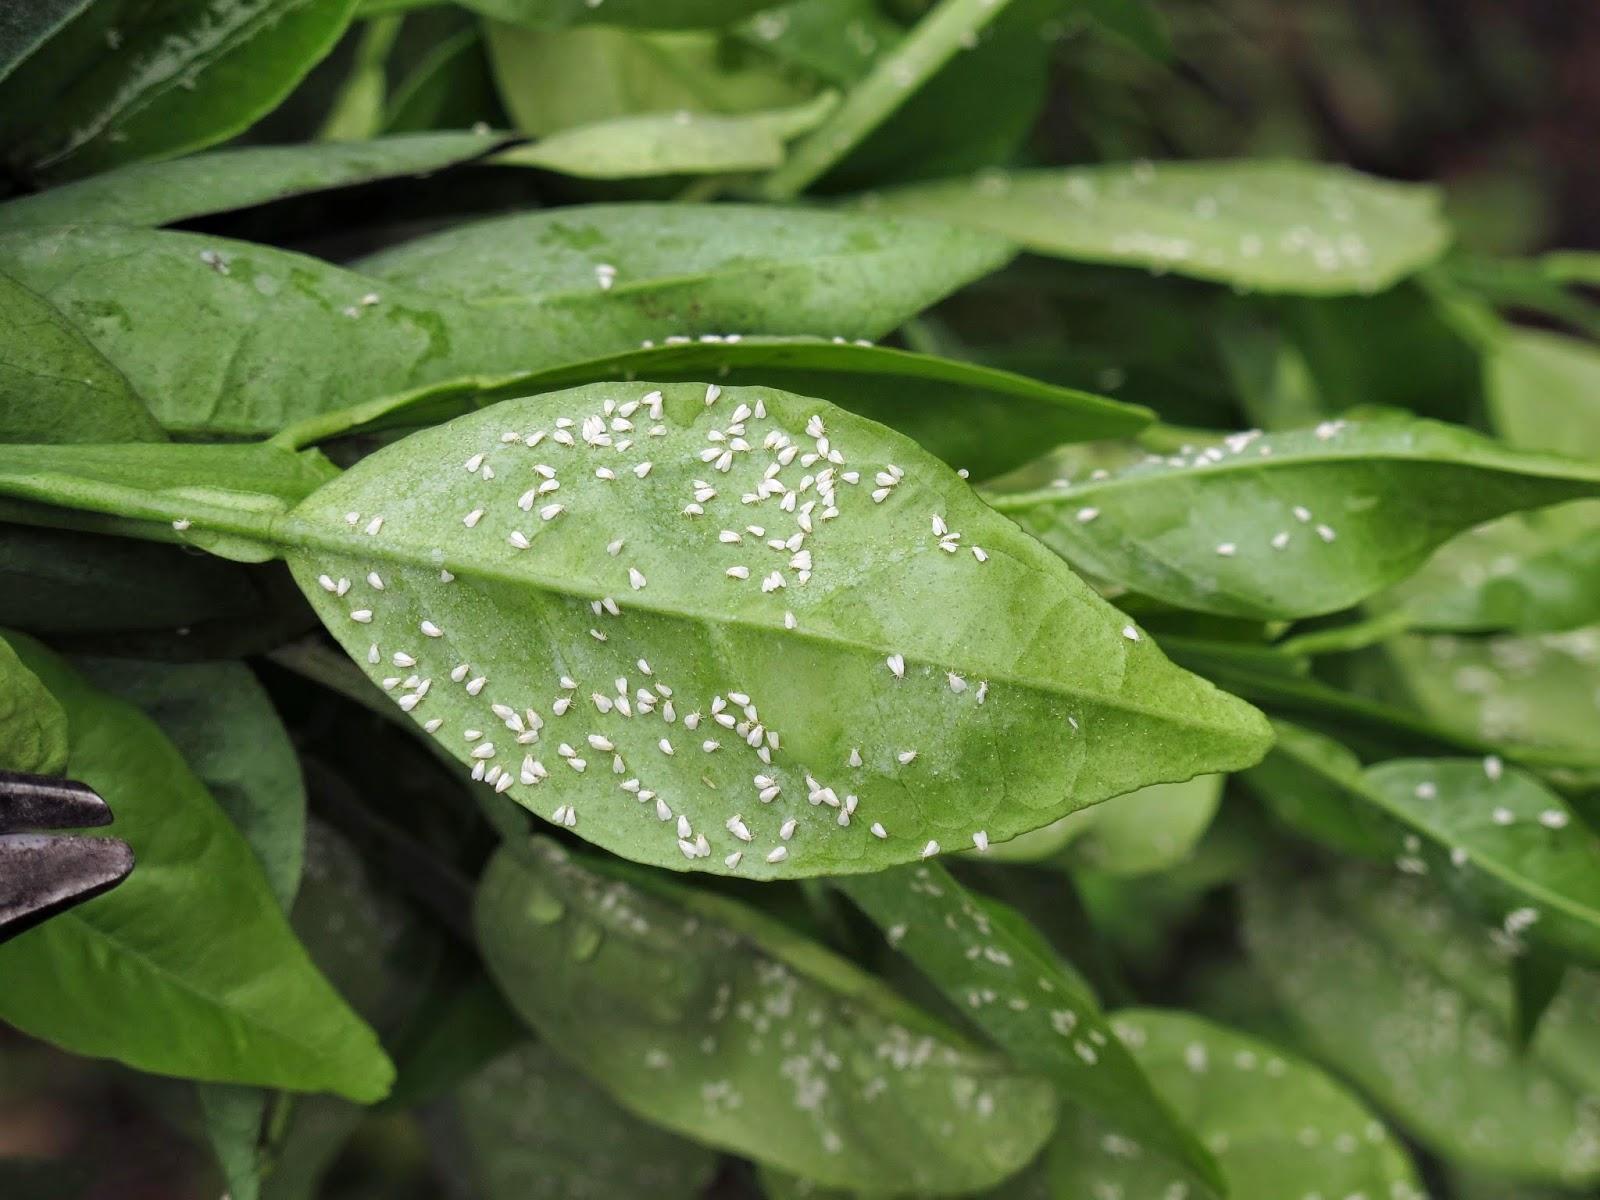 En el jardin c tricos cuidados y plagas de verano for Enfermedades citricos fotos